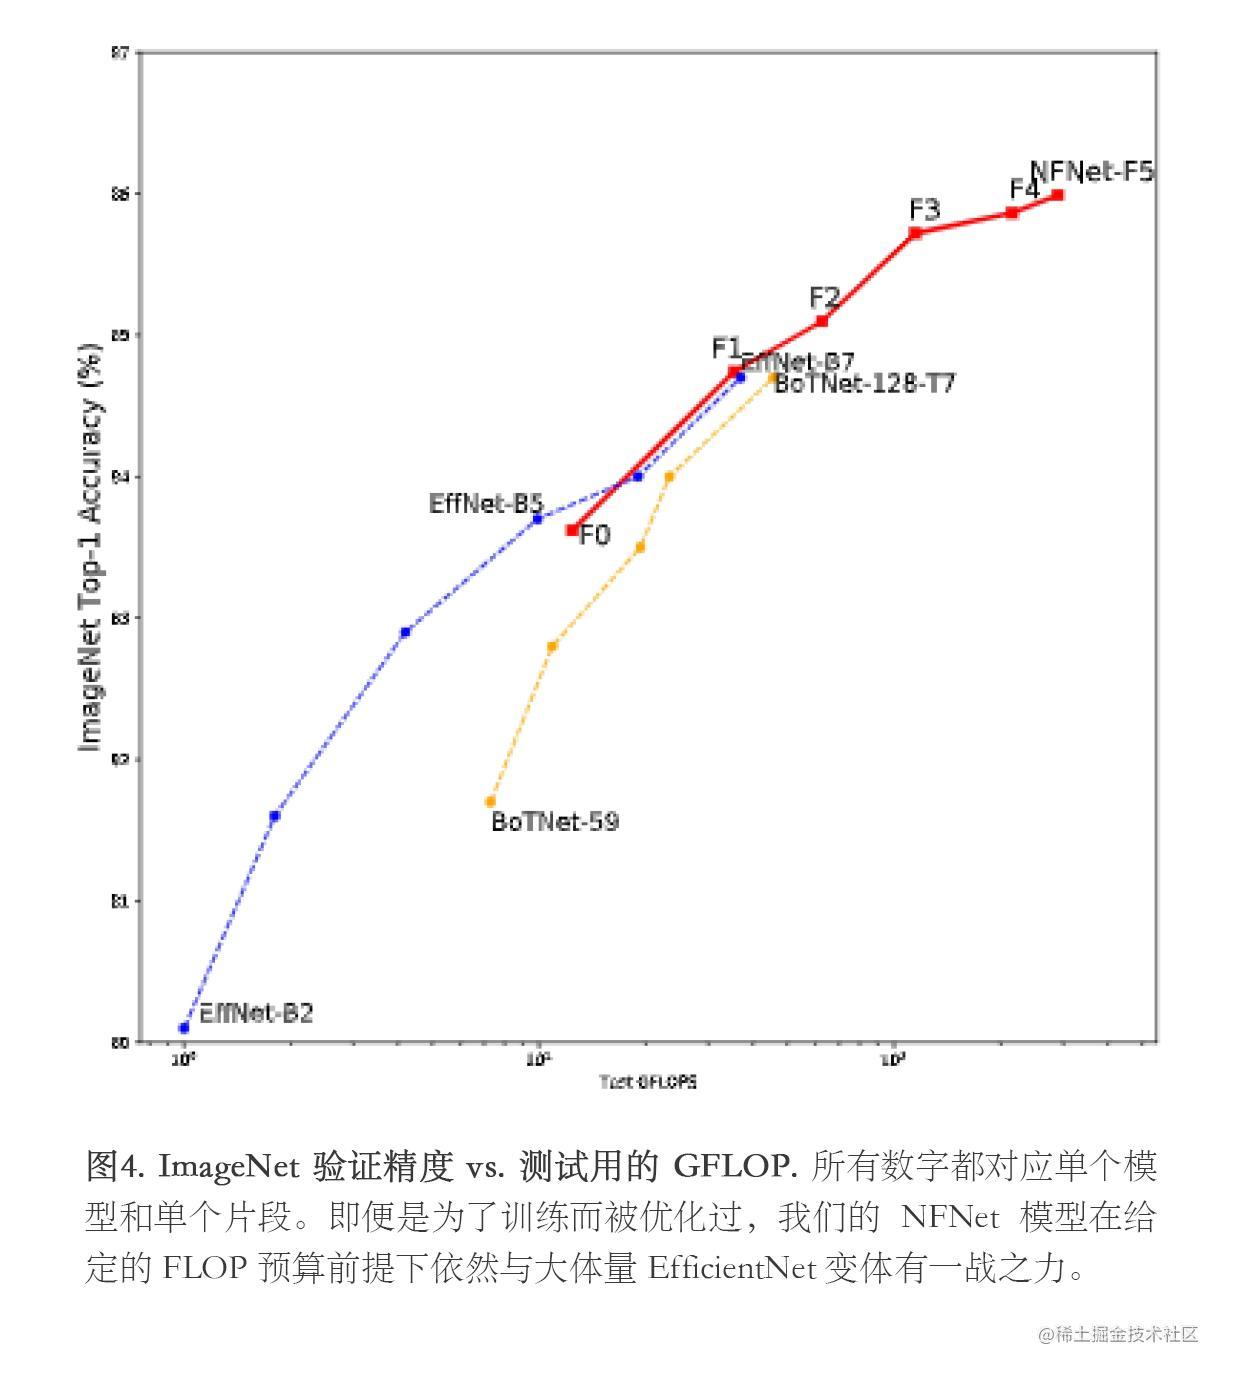 图4. ImageNet 验证精度 vs. 测试用的 GFLOP. 所有数字都对应单个模型和单个片段。即便是为了训练而被优化过,我们的 NFNet 模型在给定的 FLOP 预算前提下依然与大体量 EfficientNet 变体有一战之力。